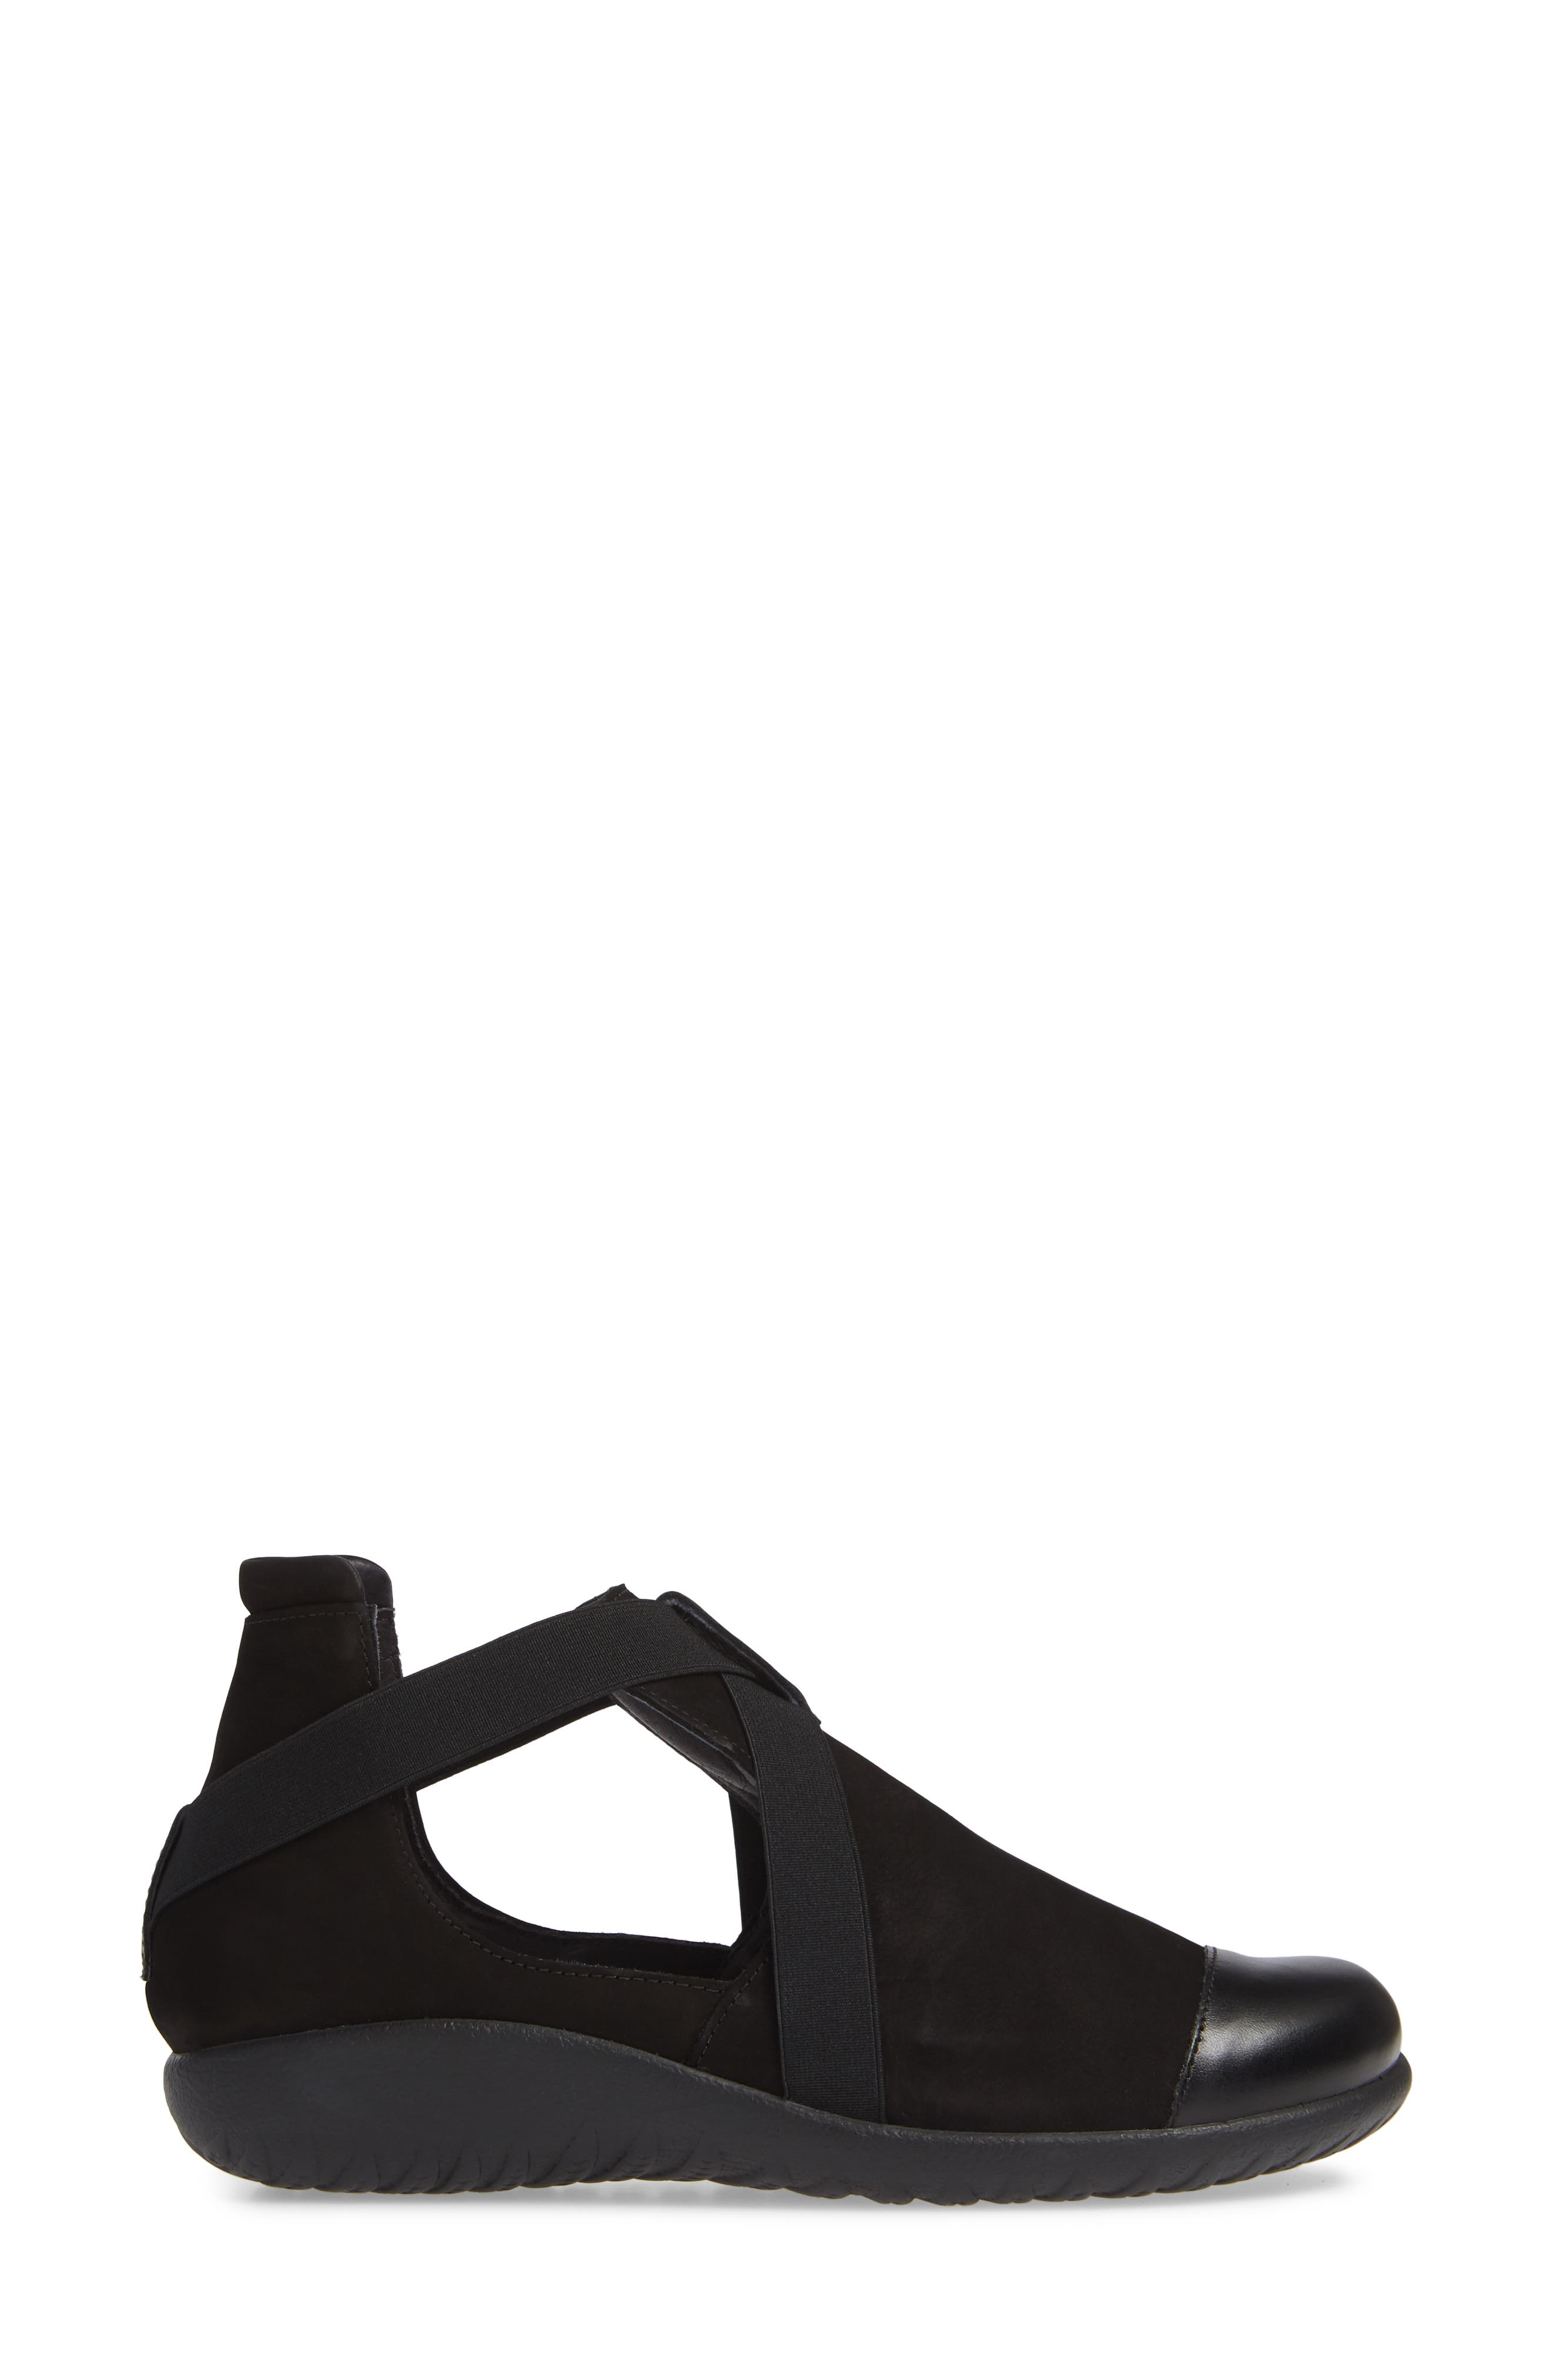 Rakua Slip On Sneaker,                             Alternate thumbnail 3, color,                             BLACK NUBUCK